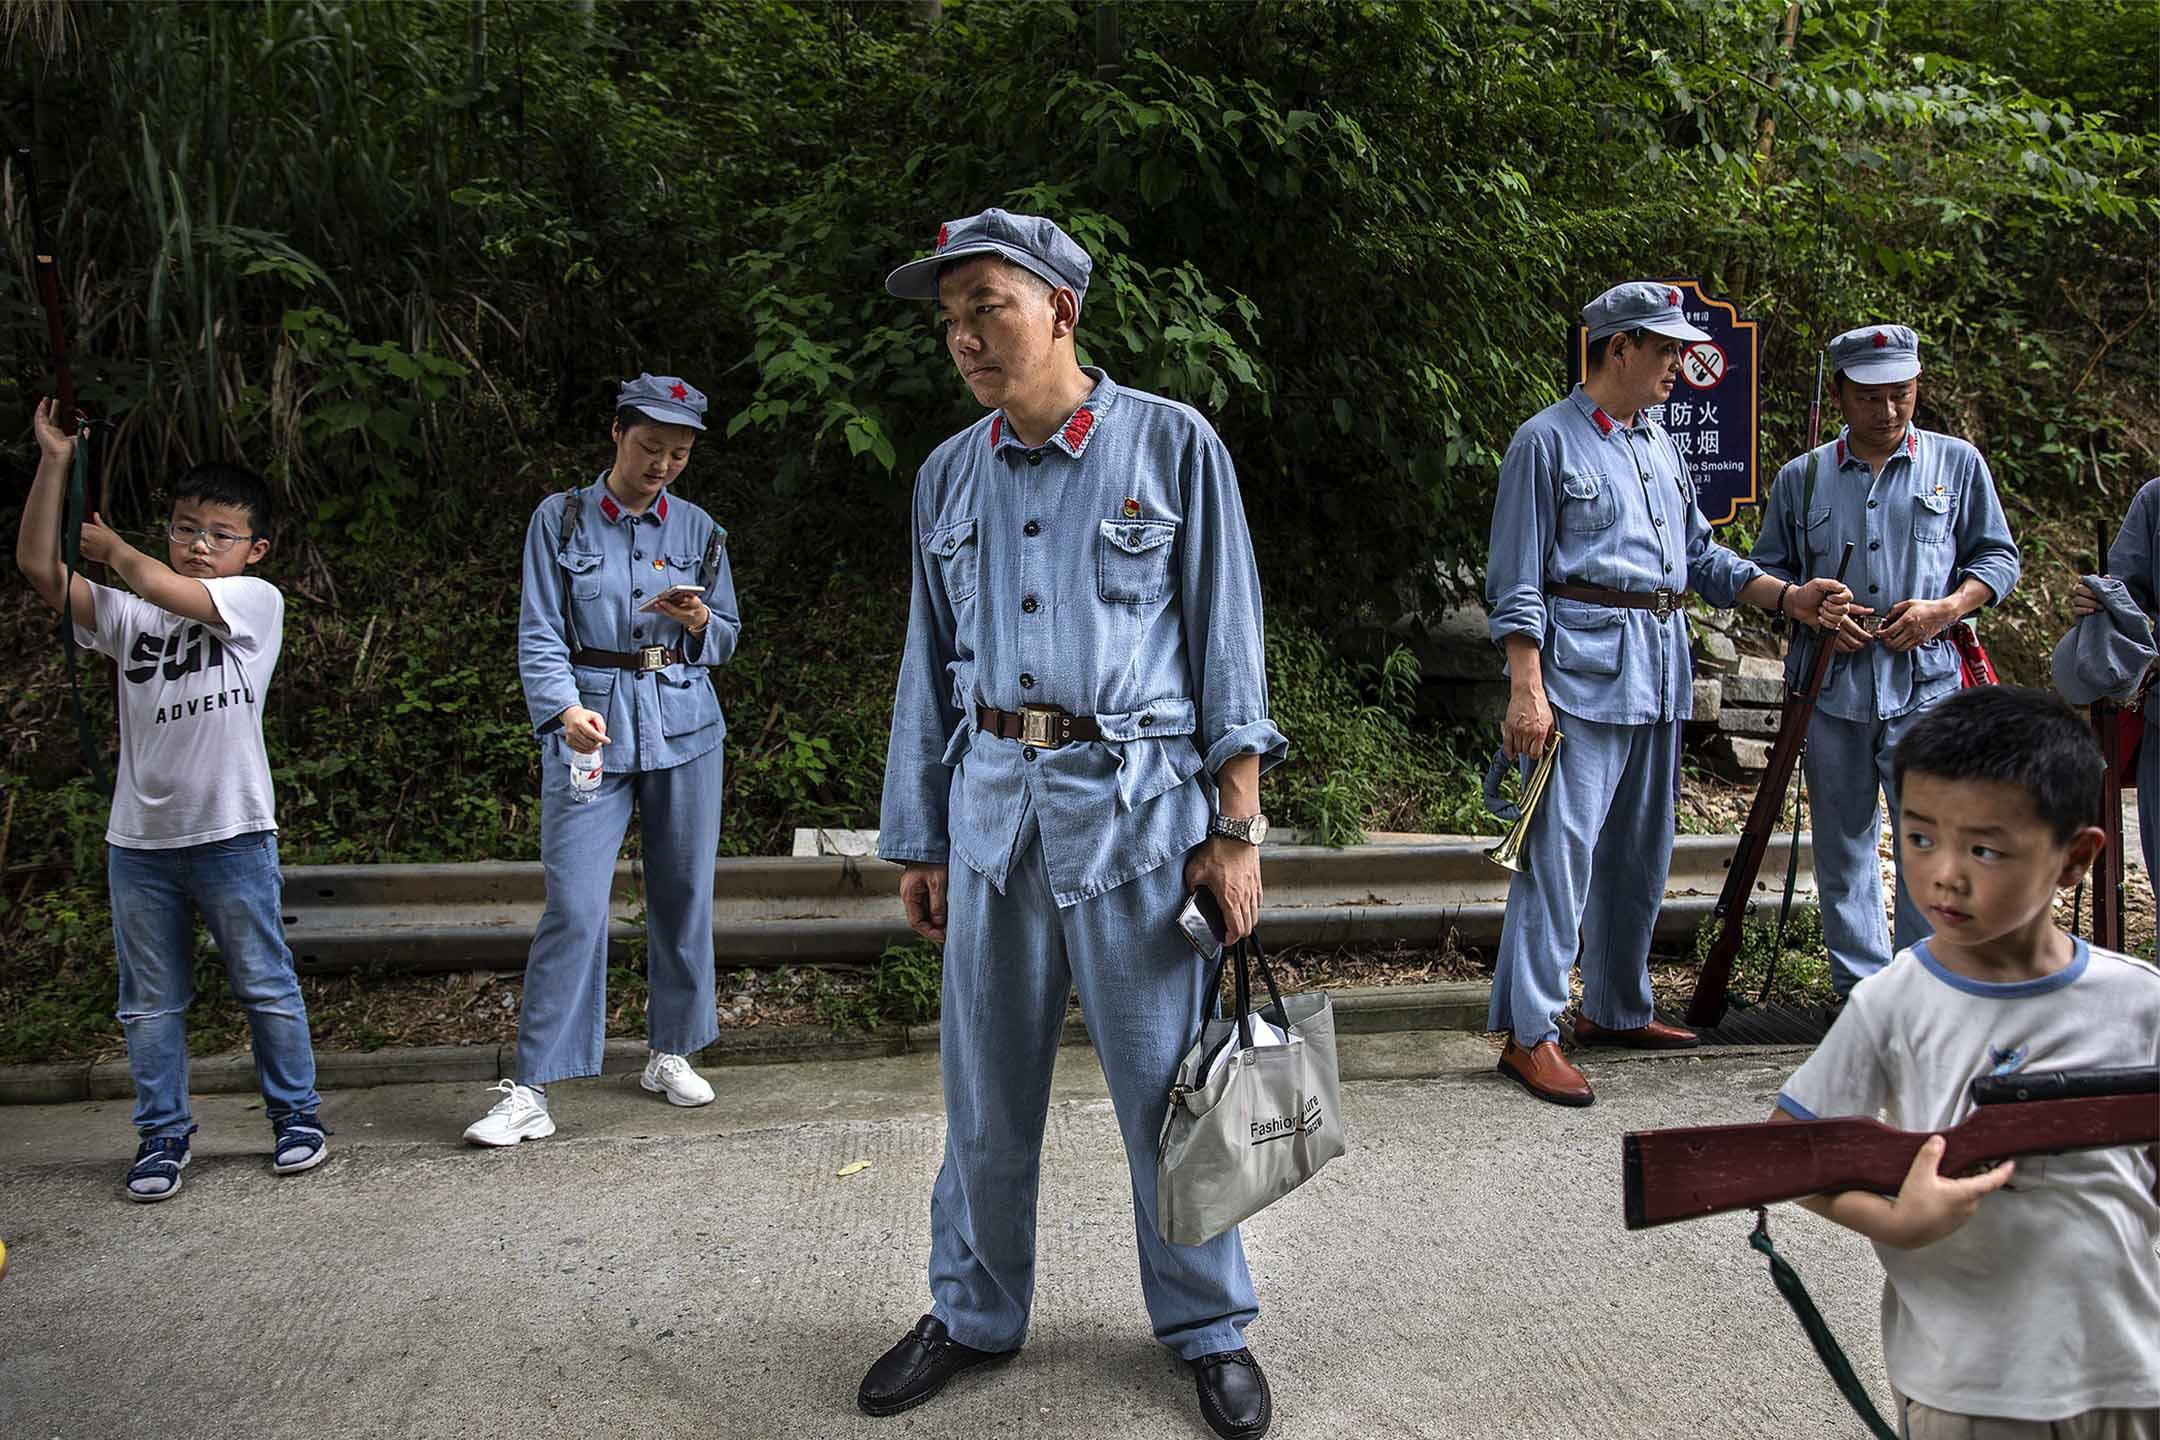 2021年6月26日中國武漢 ,參與者身著紅軍制服在長征精神體驗園進內。